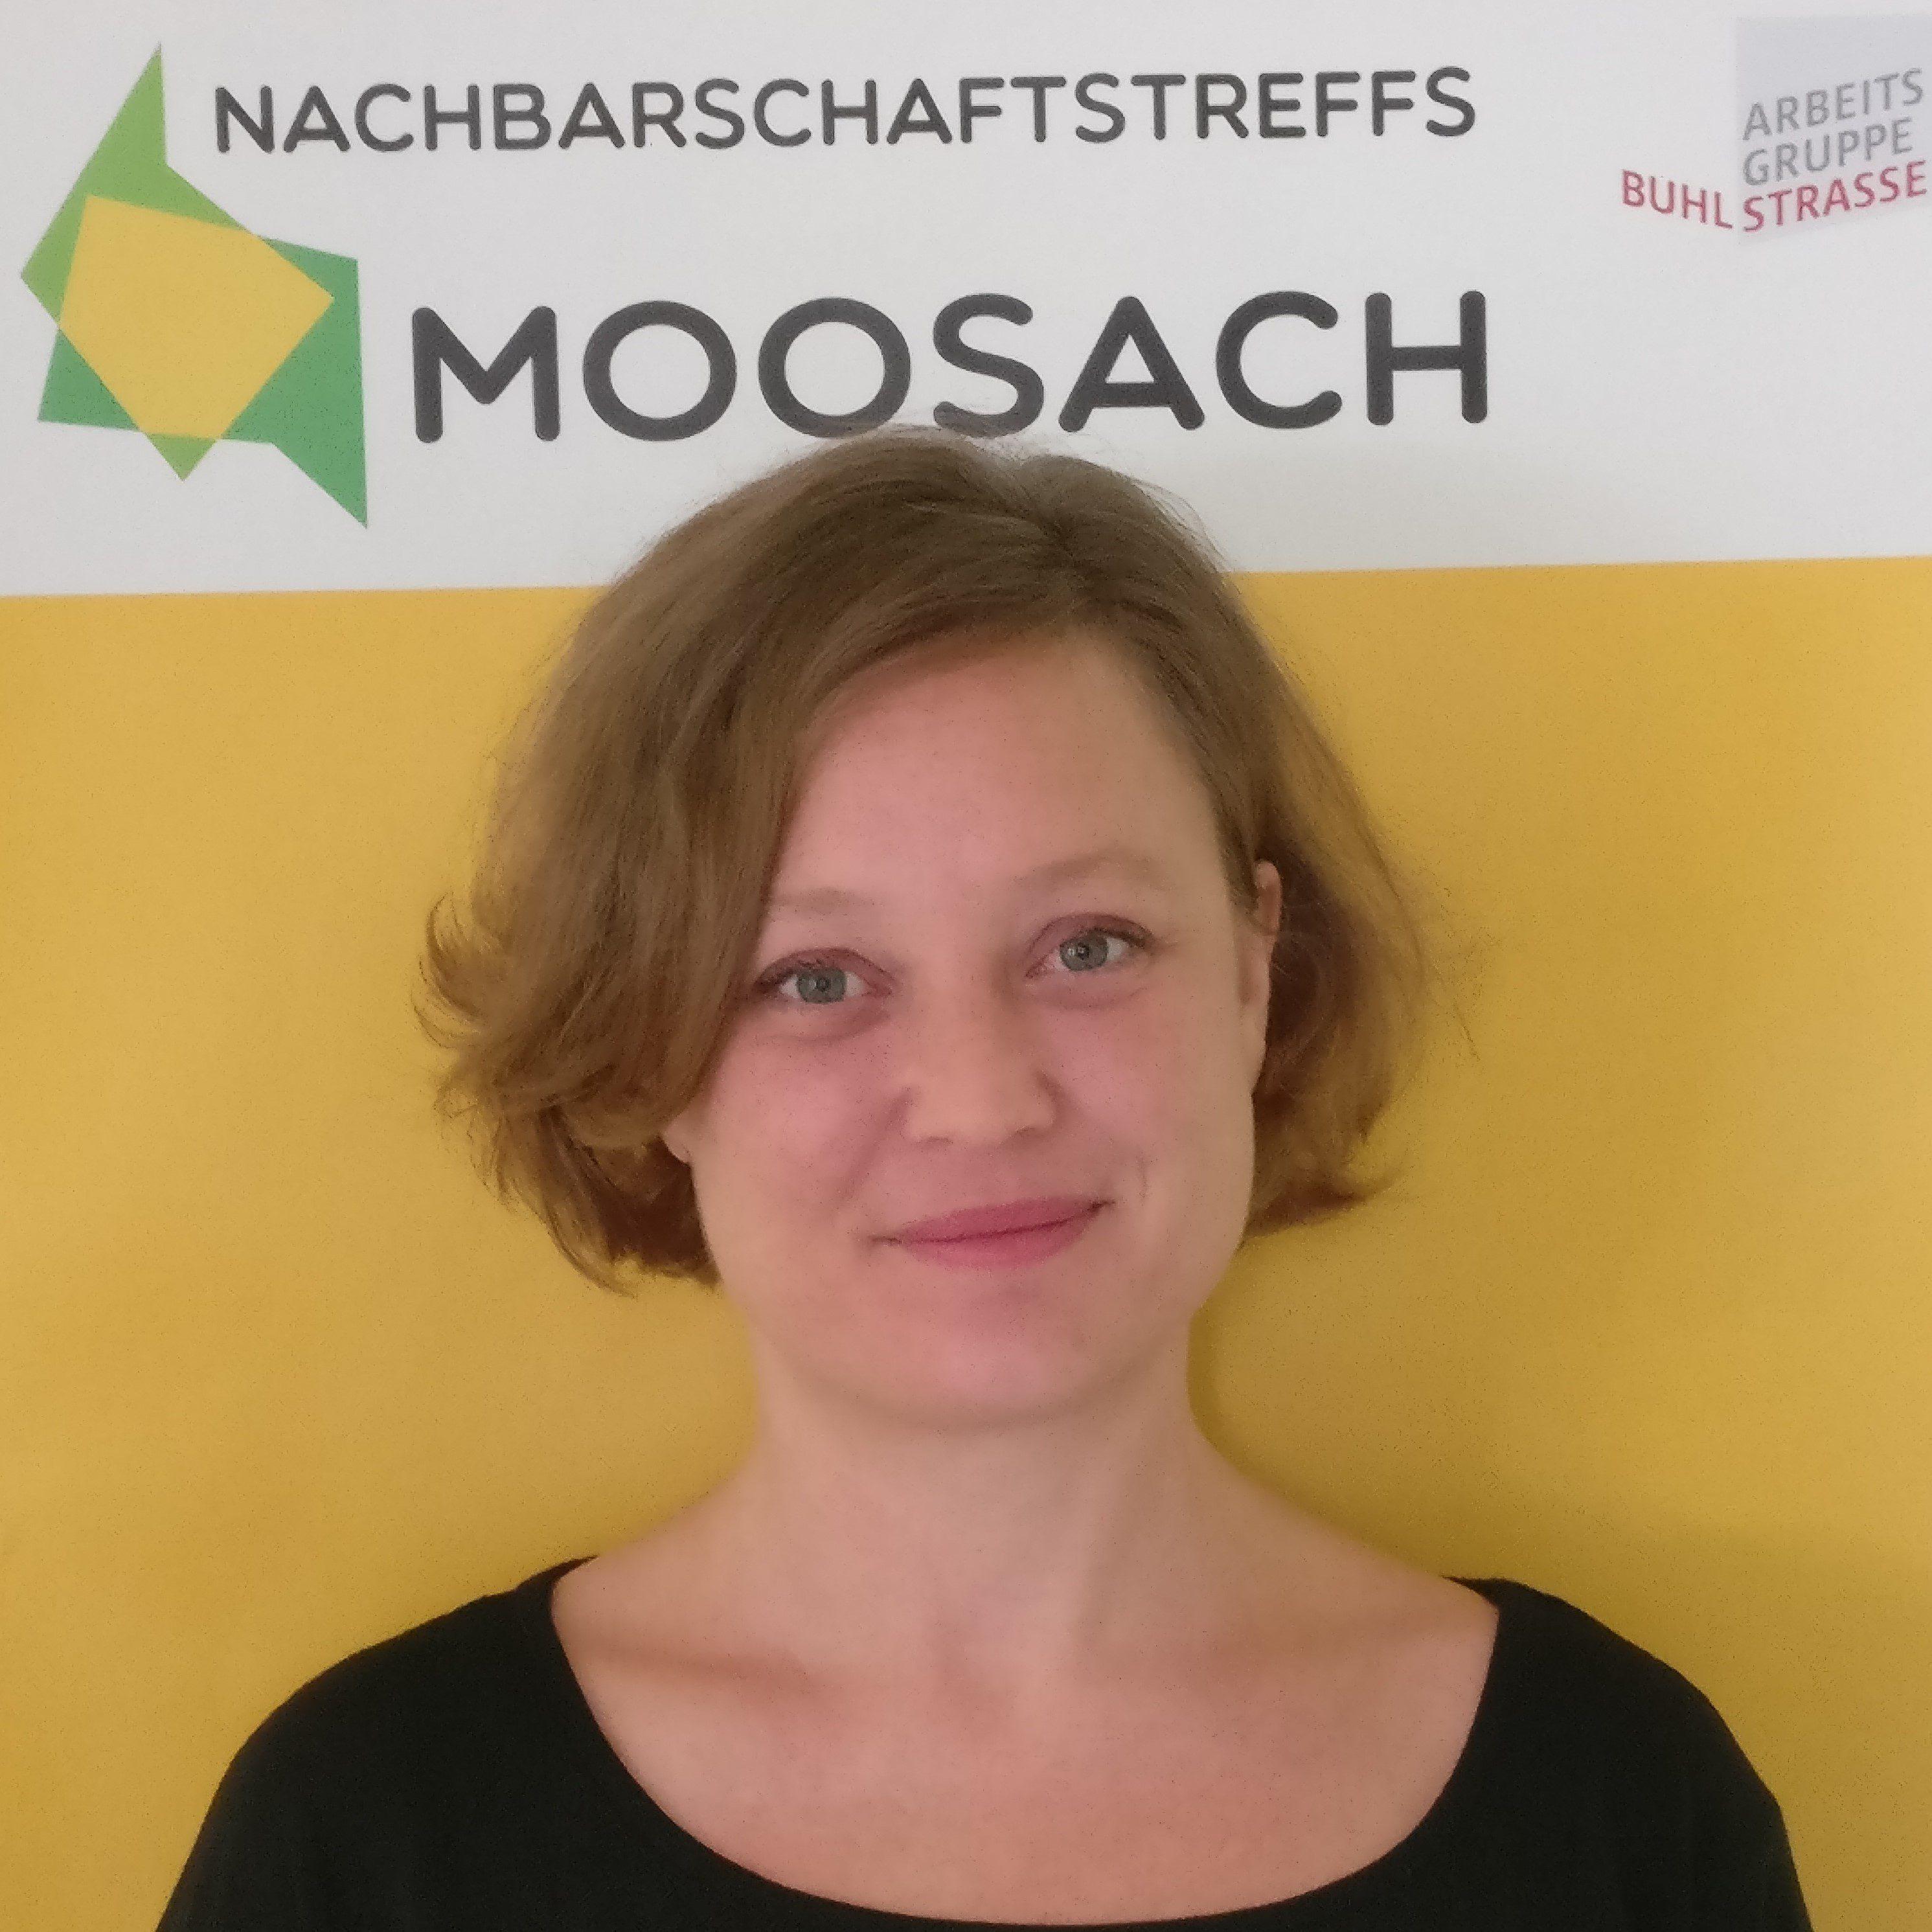 Johanna Donner, Nachbarschaftstreffs Karlingerstraße und Untermenzinger Straße